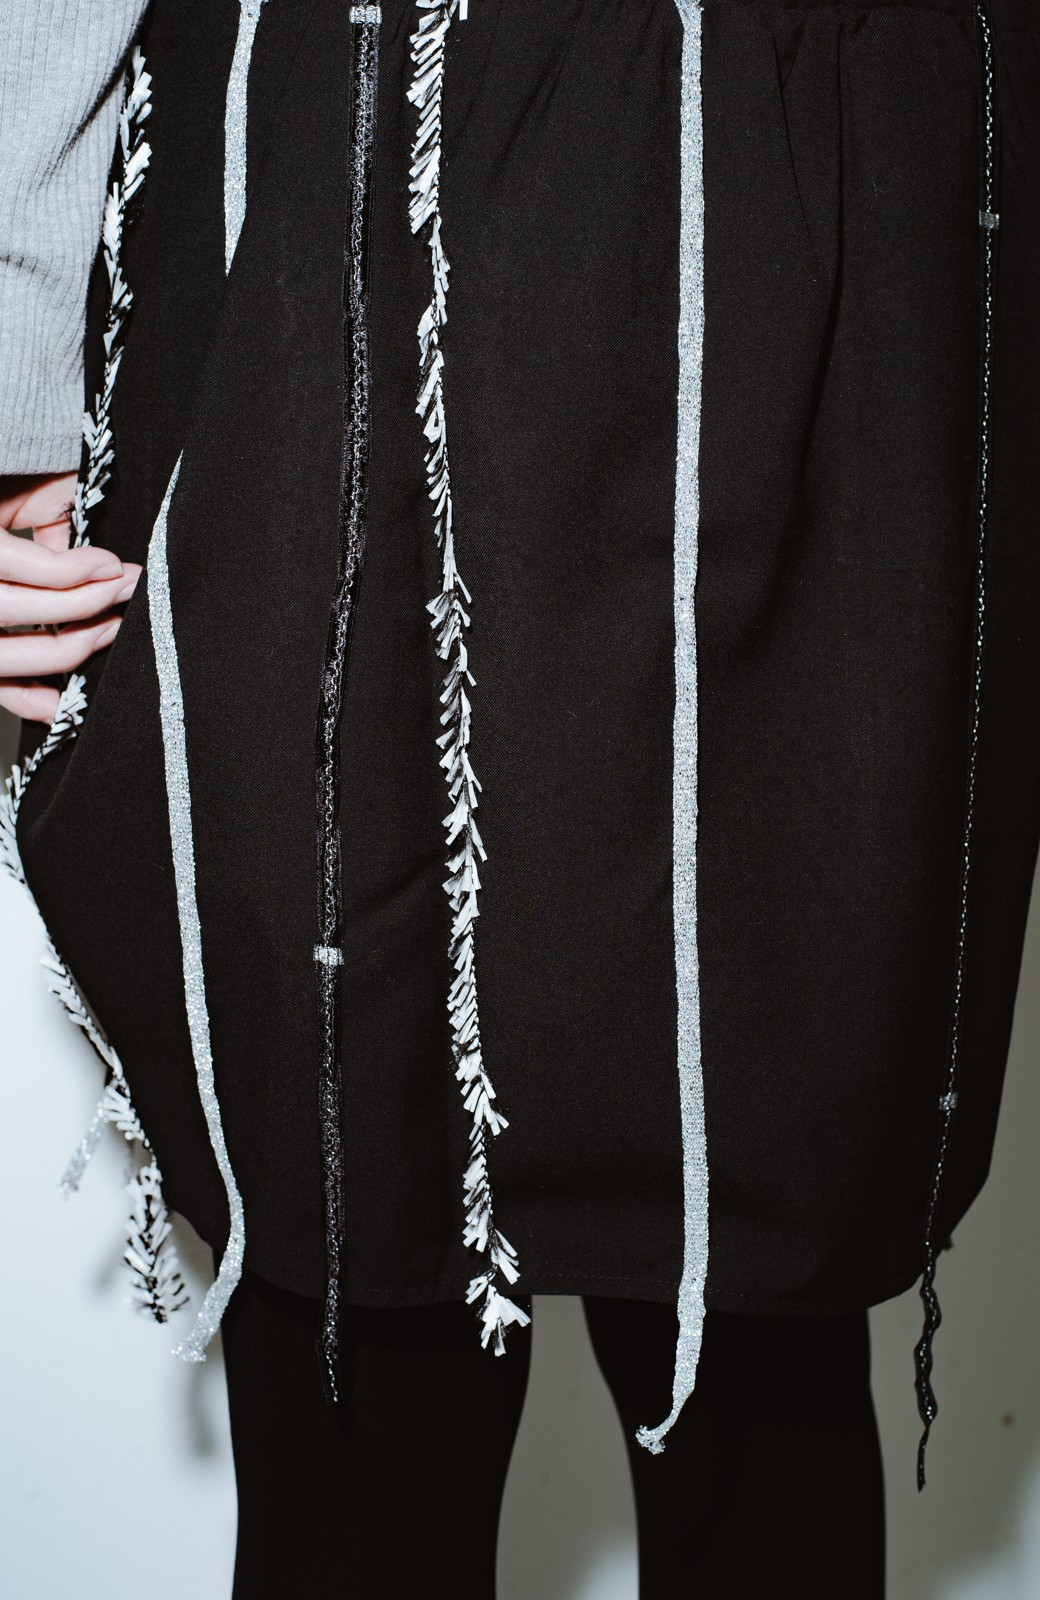 haco! co&tion 田中佑佳Zebra(09 milling crowd)黒ワンピ【アーティスト監修10点もの】 <ブラック>の商品写真4